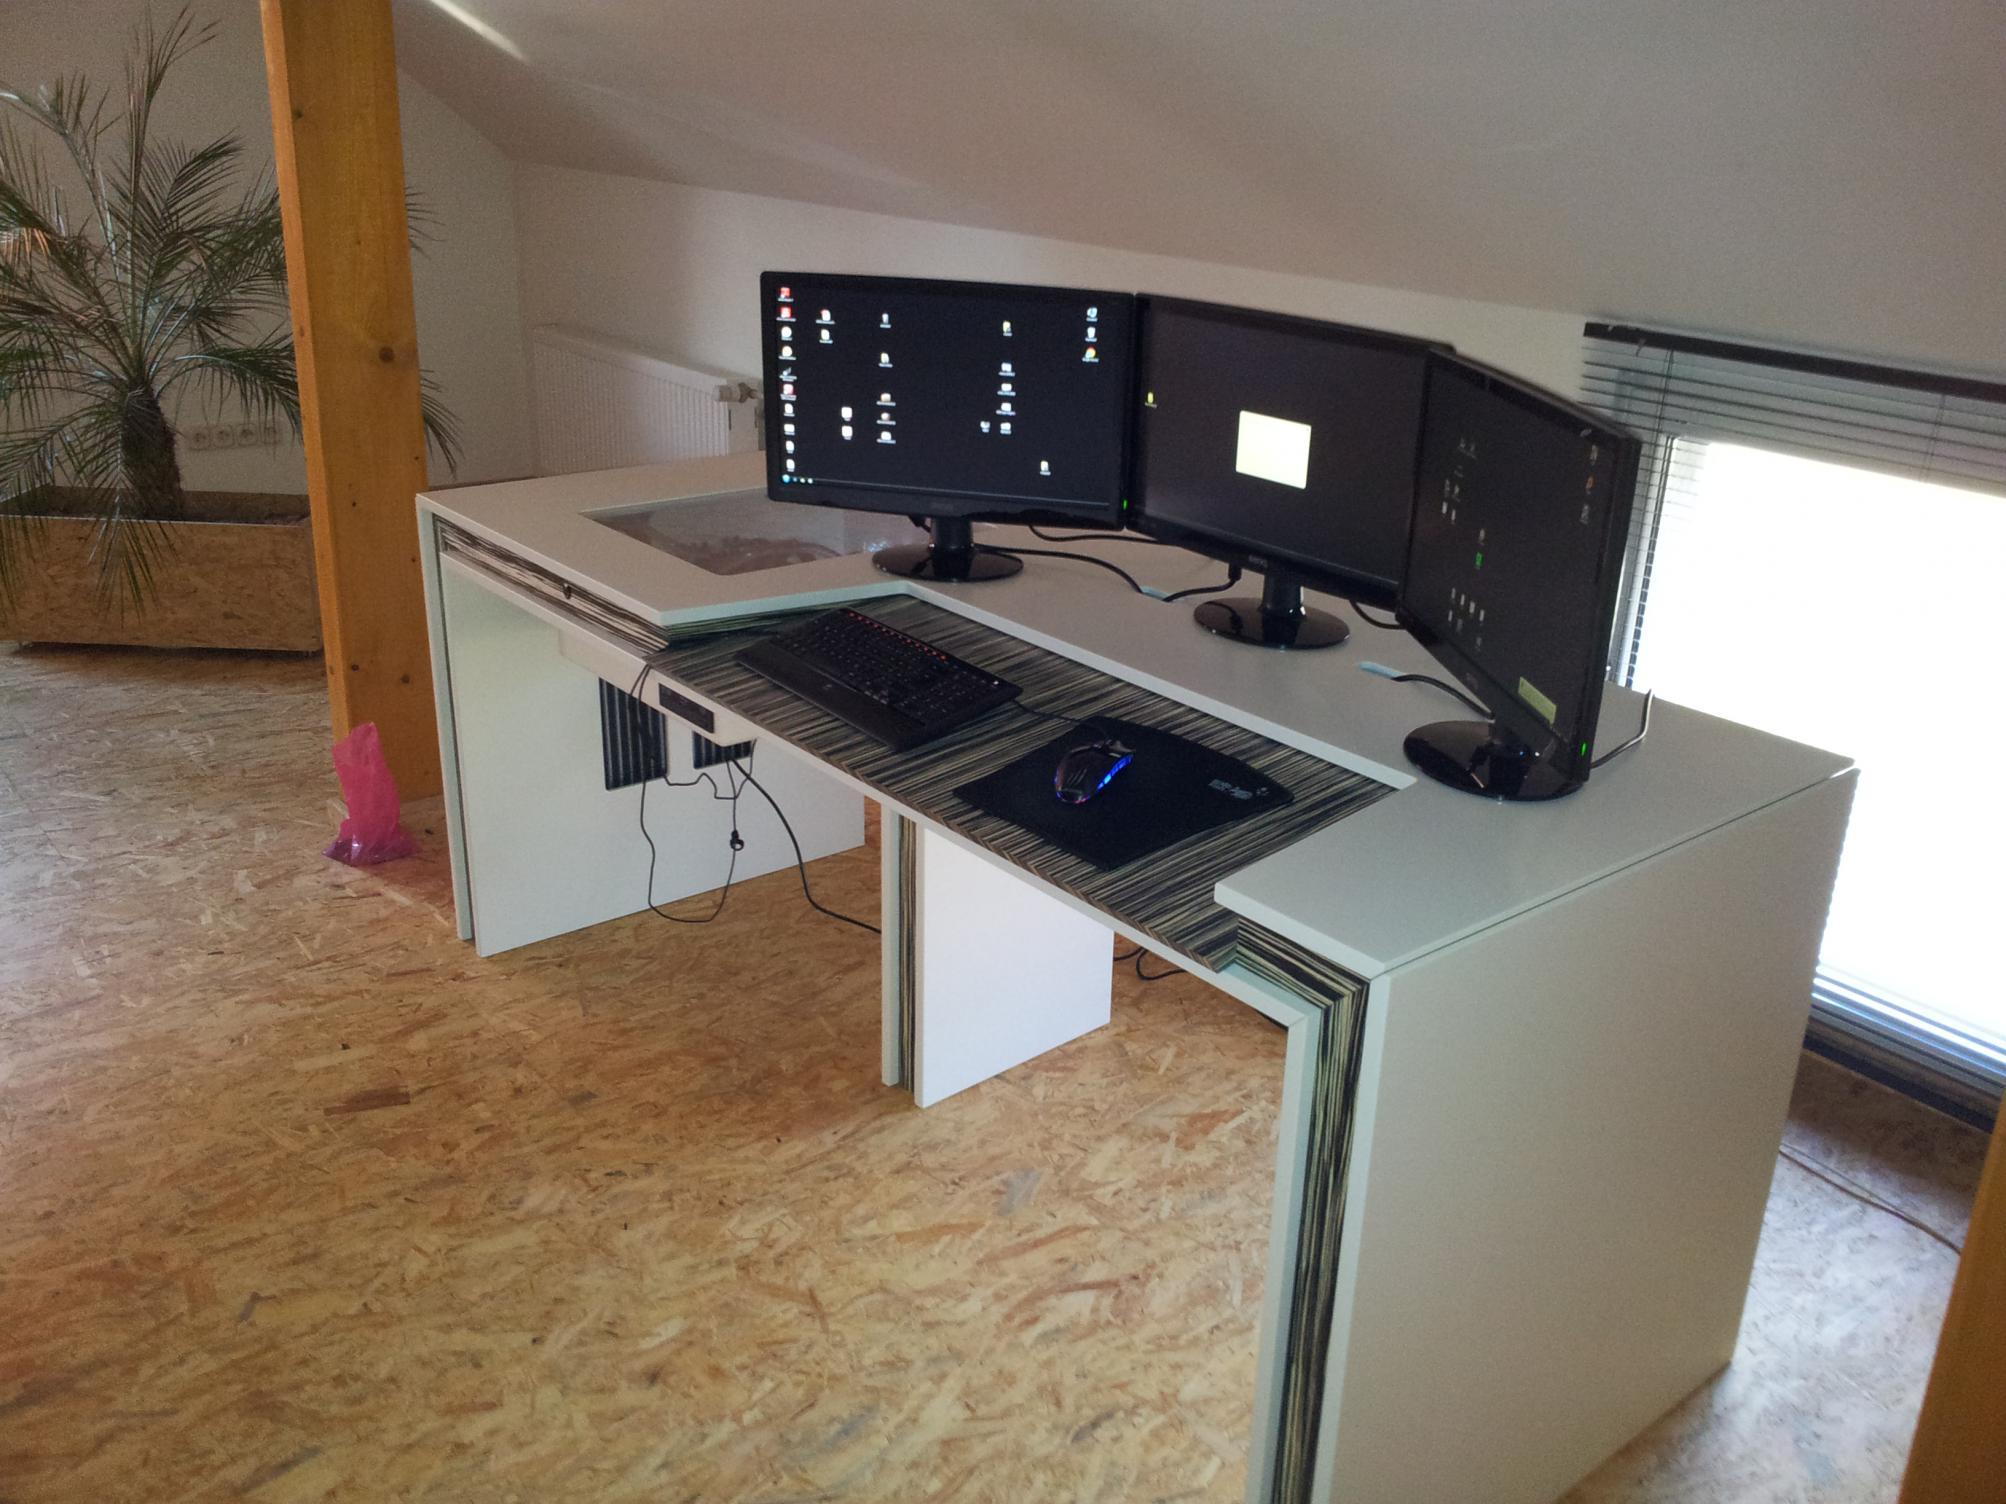 Computertisch gamer  Selbst Gebauter Computer Tisch (PC im Tisch) - Seite 3 ...